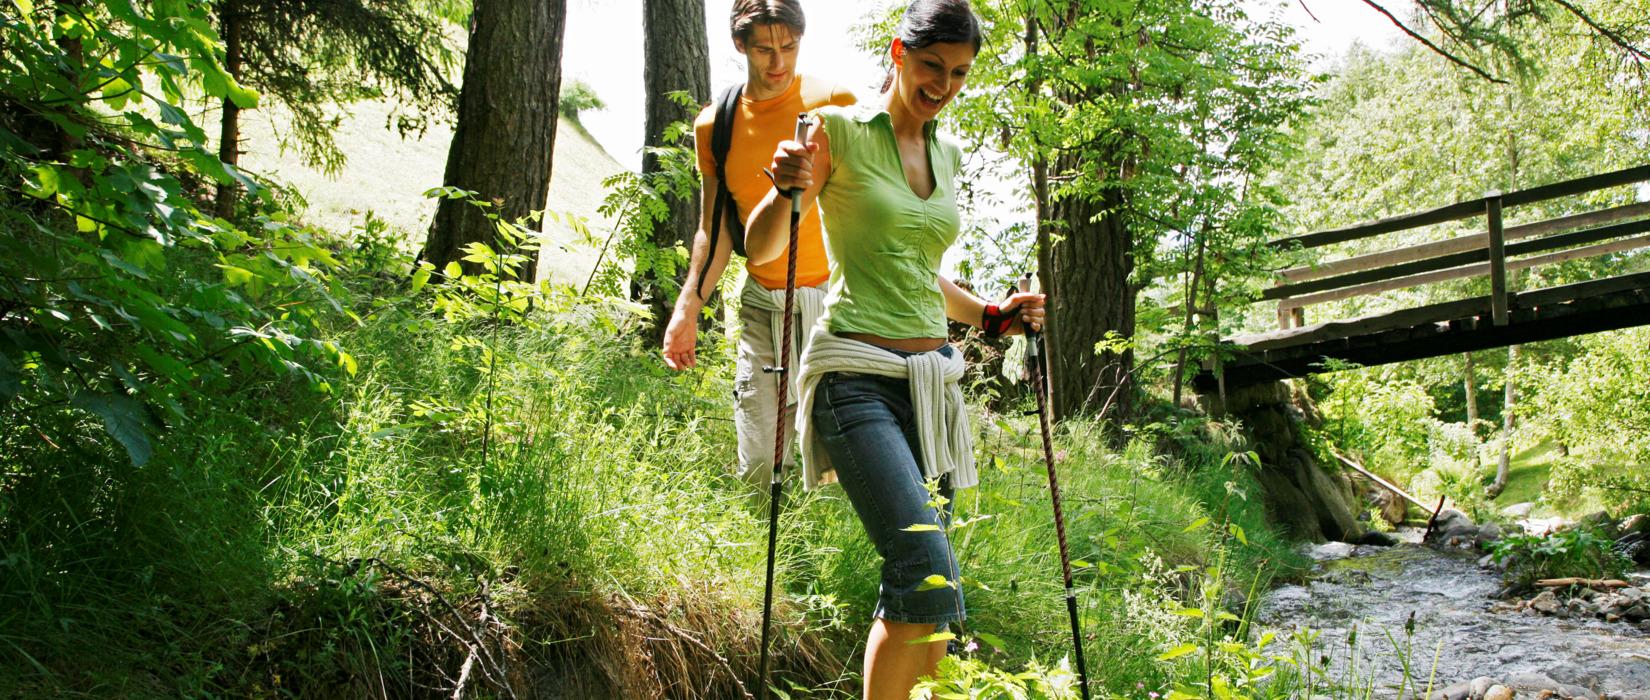 Wandern - Gesundheit für Körper und Geist